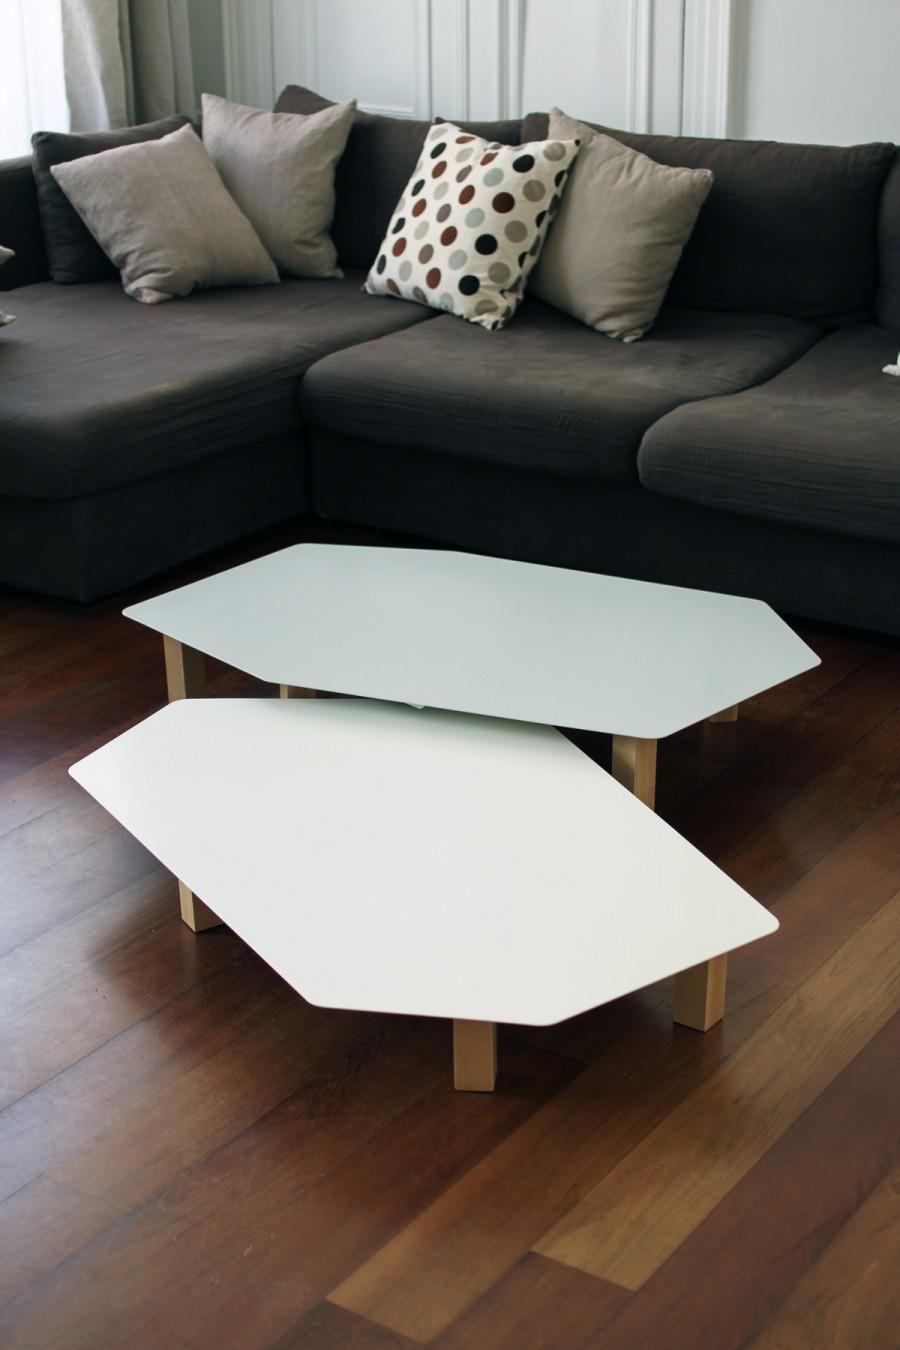 Table basse Kaggebo à double étages - en métal blanc et gris et bois naturel - vue de face - double étages côte à côte